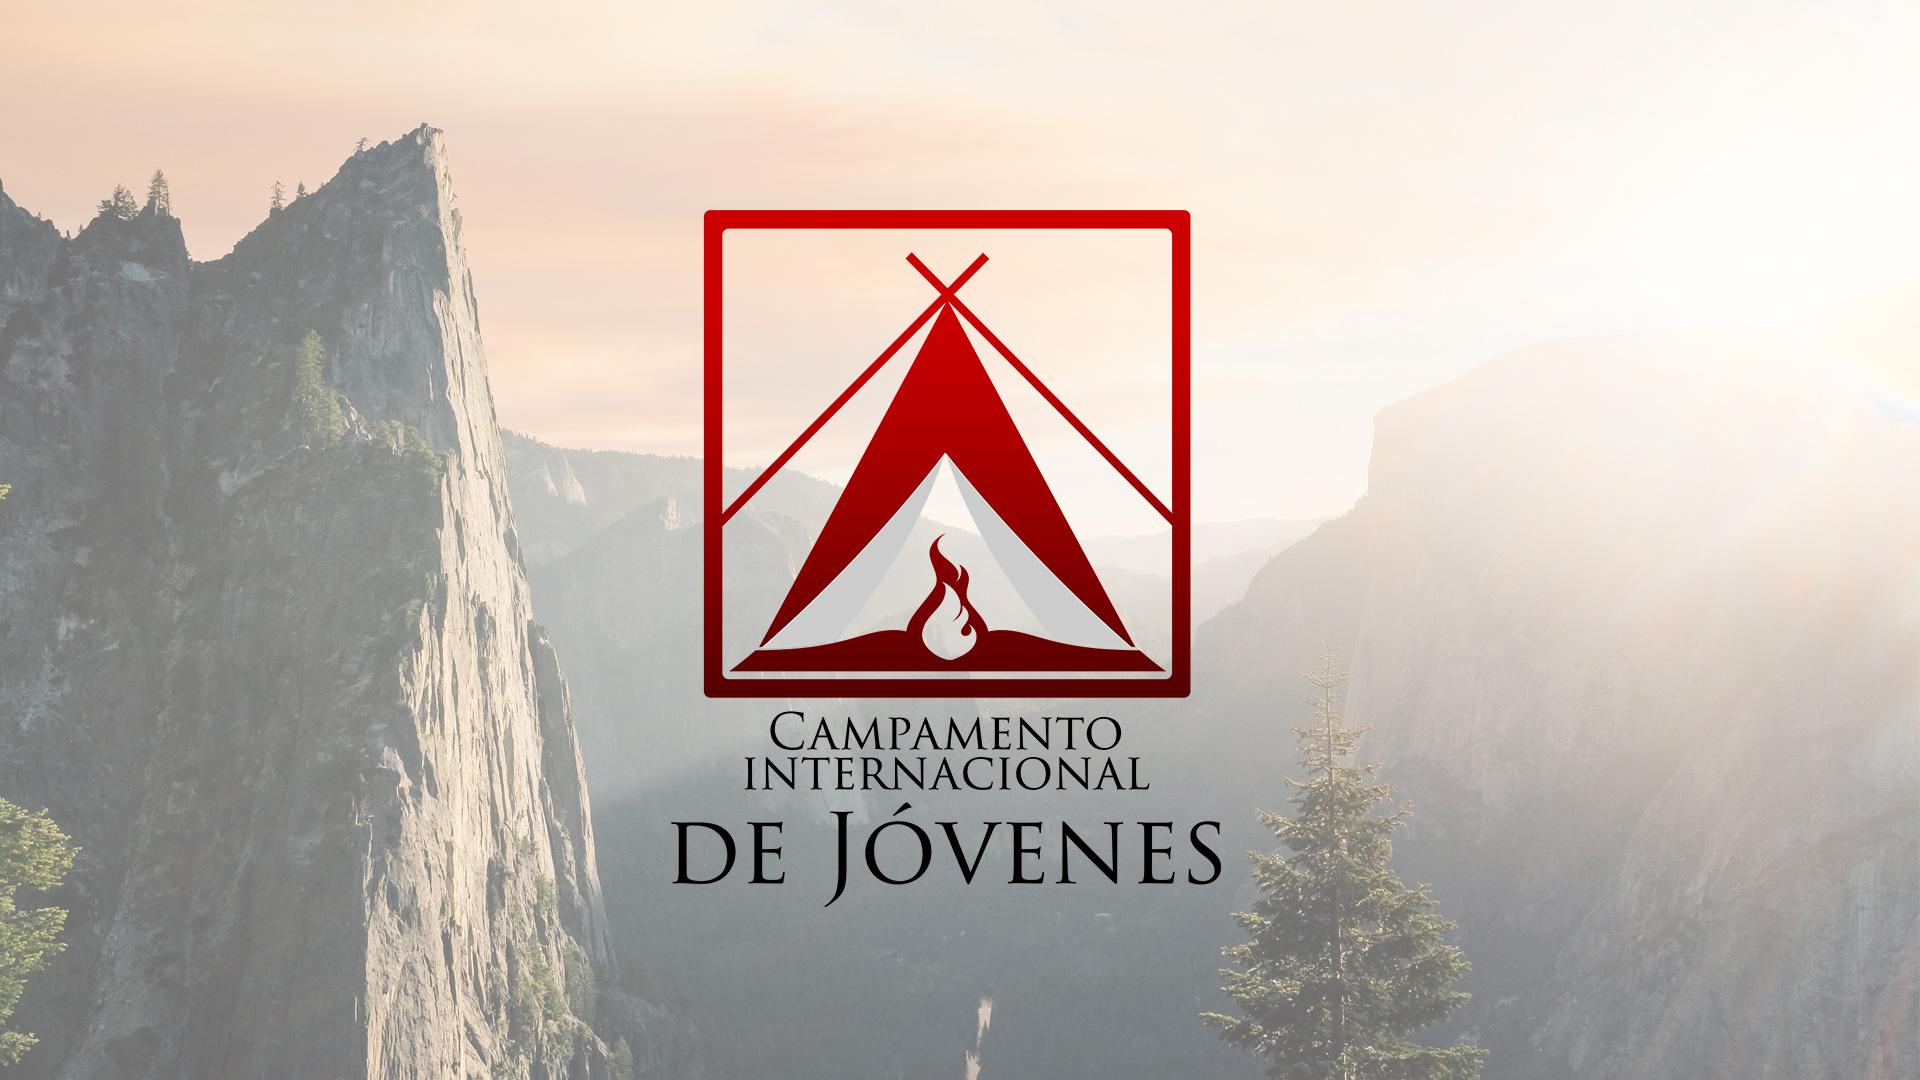 Campamento Internacional de Jóvenes